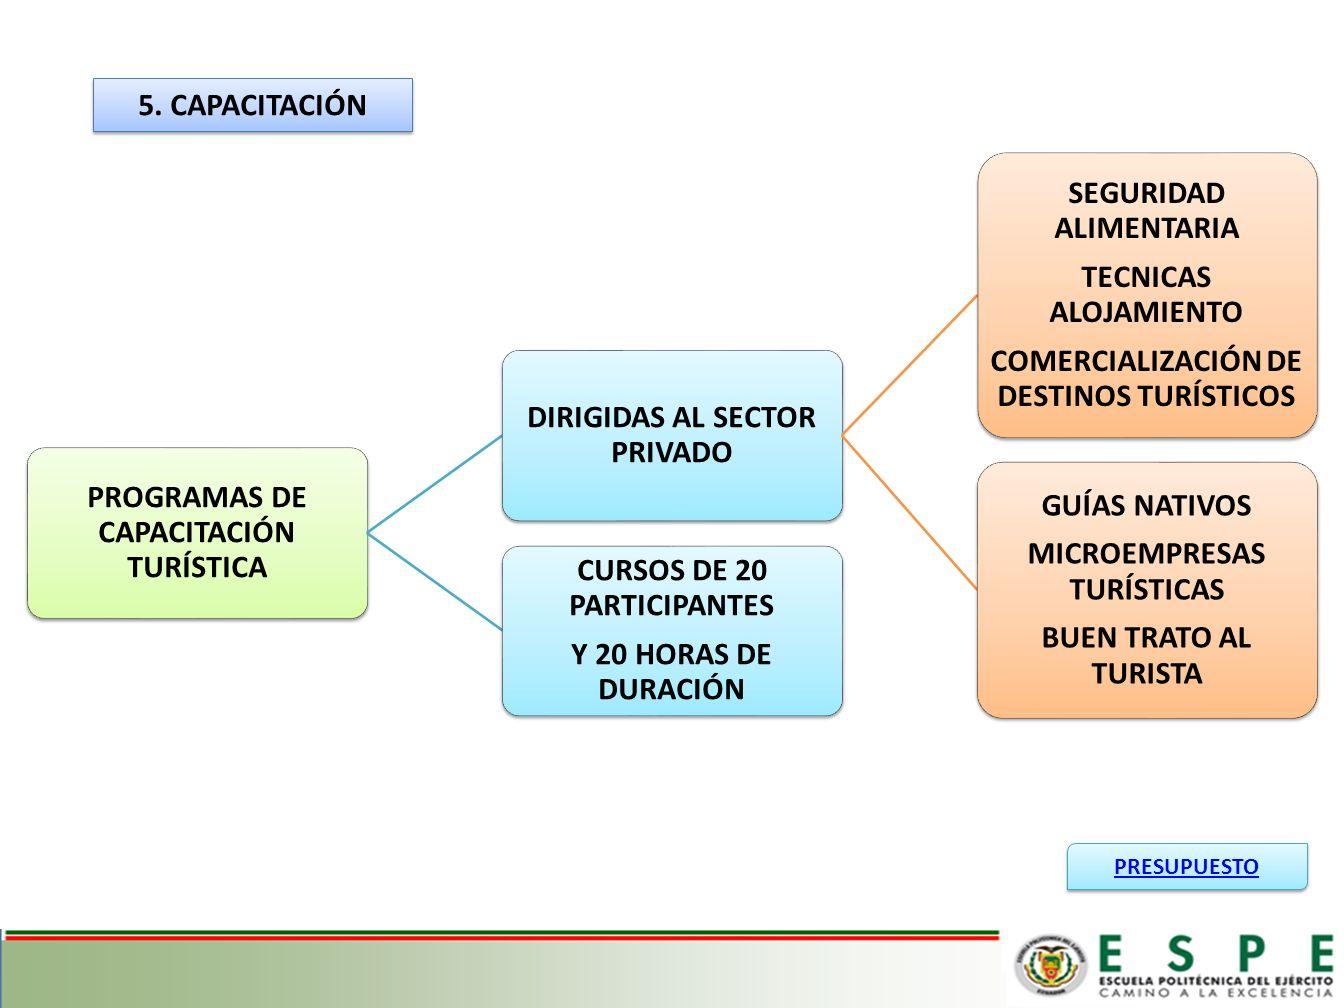 PROGRAMAS DE CAPACITACIÓN TURÍSTICA DIRIGIDAS AL SECTOR PRIVADO